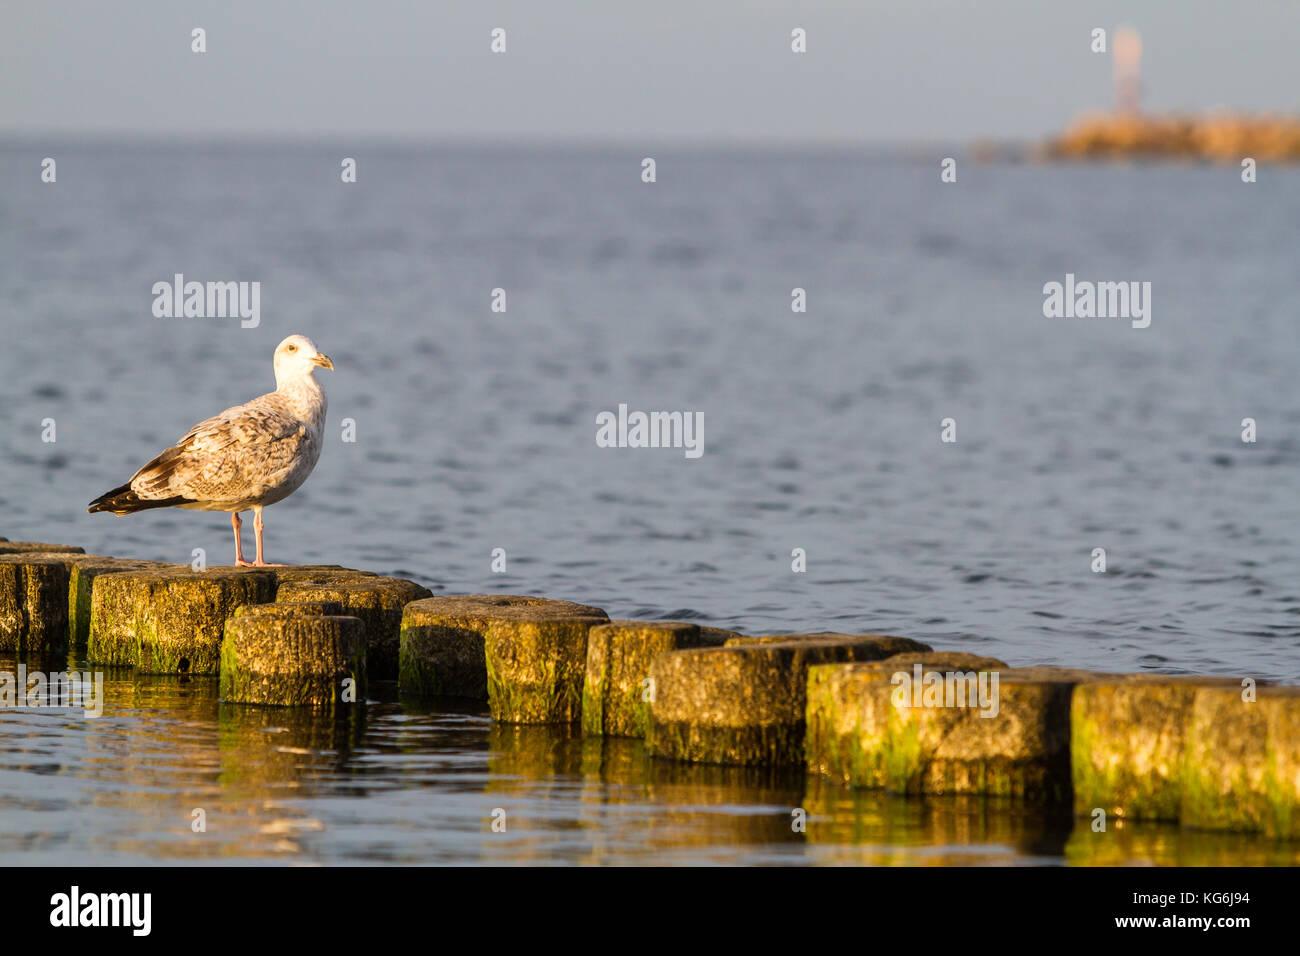 auf Buhne sitzende Möwe Insel Rügen Ostsee - Stock Image